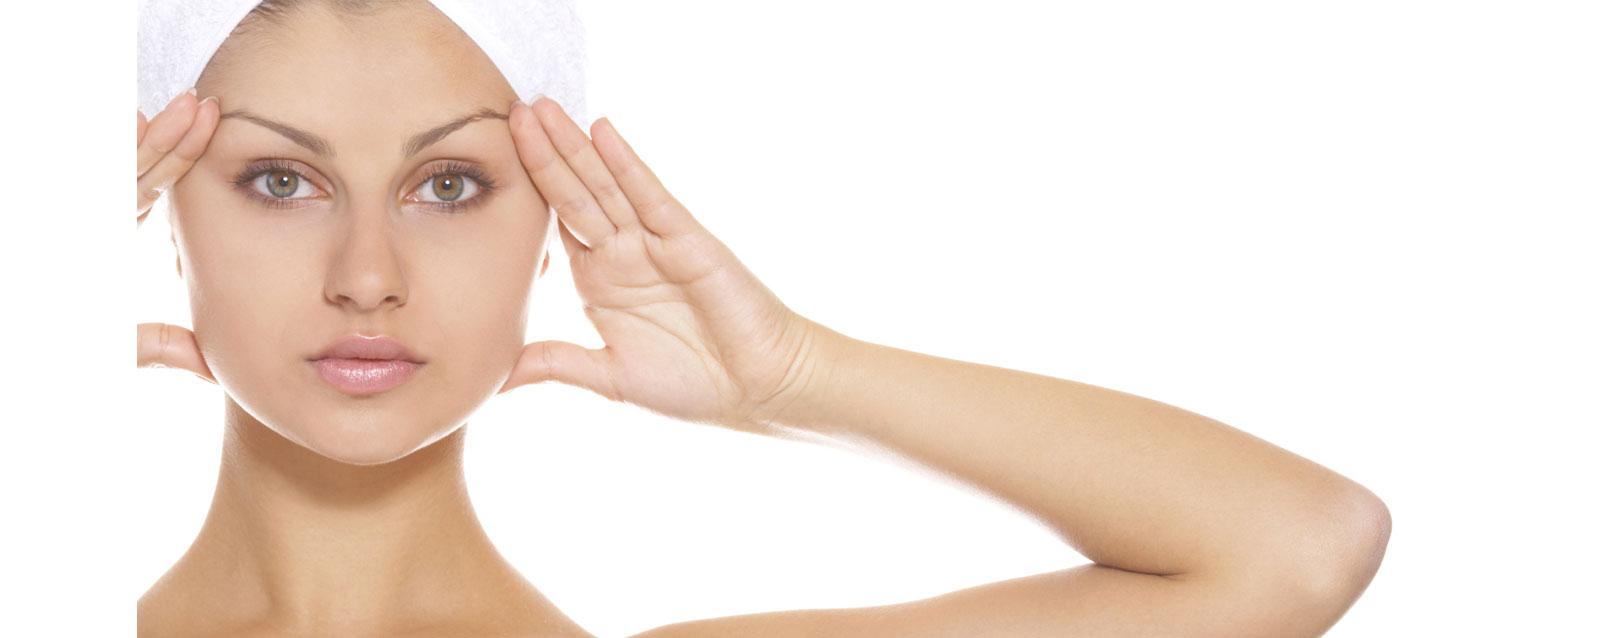 Absolute®: Reabilitação Funcional Estética com Laser e Dermocosméticos